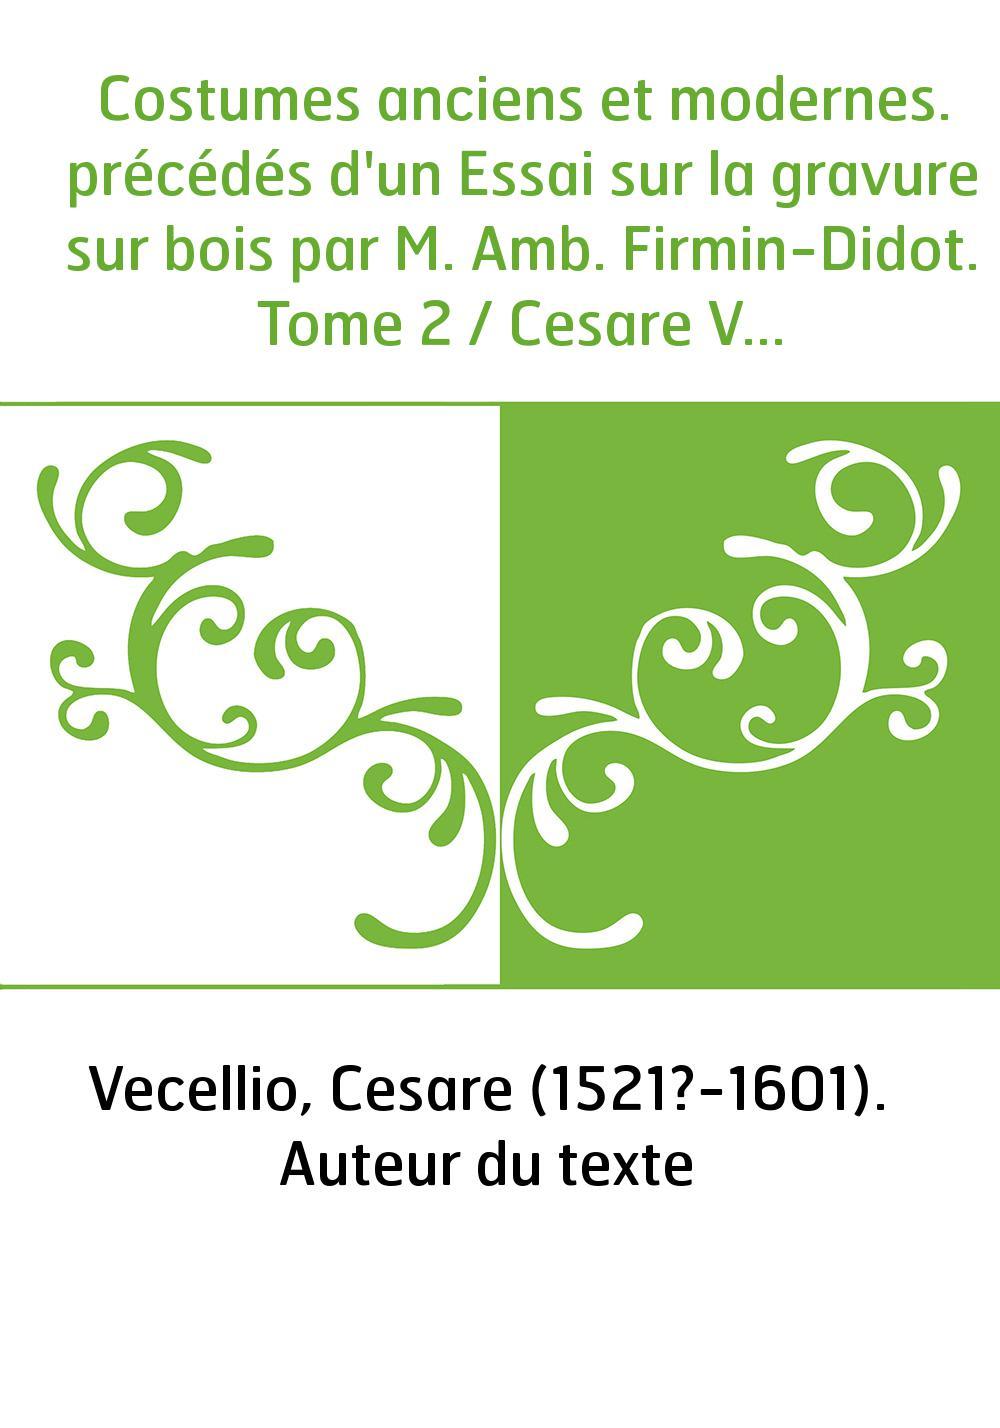 Costumes anciens et modernes. précédés d'un Essai sur la gravure sur bois par M. Amb. Firmin-Didot. Tome 2 / Cesare Vecellio